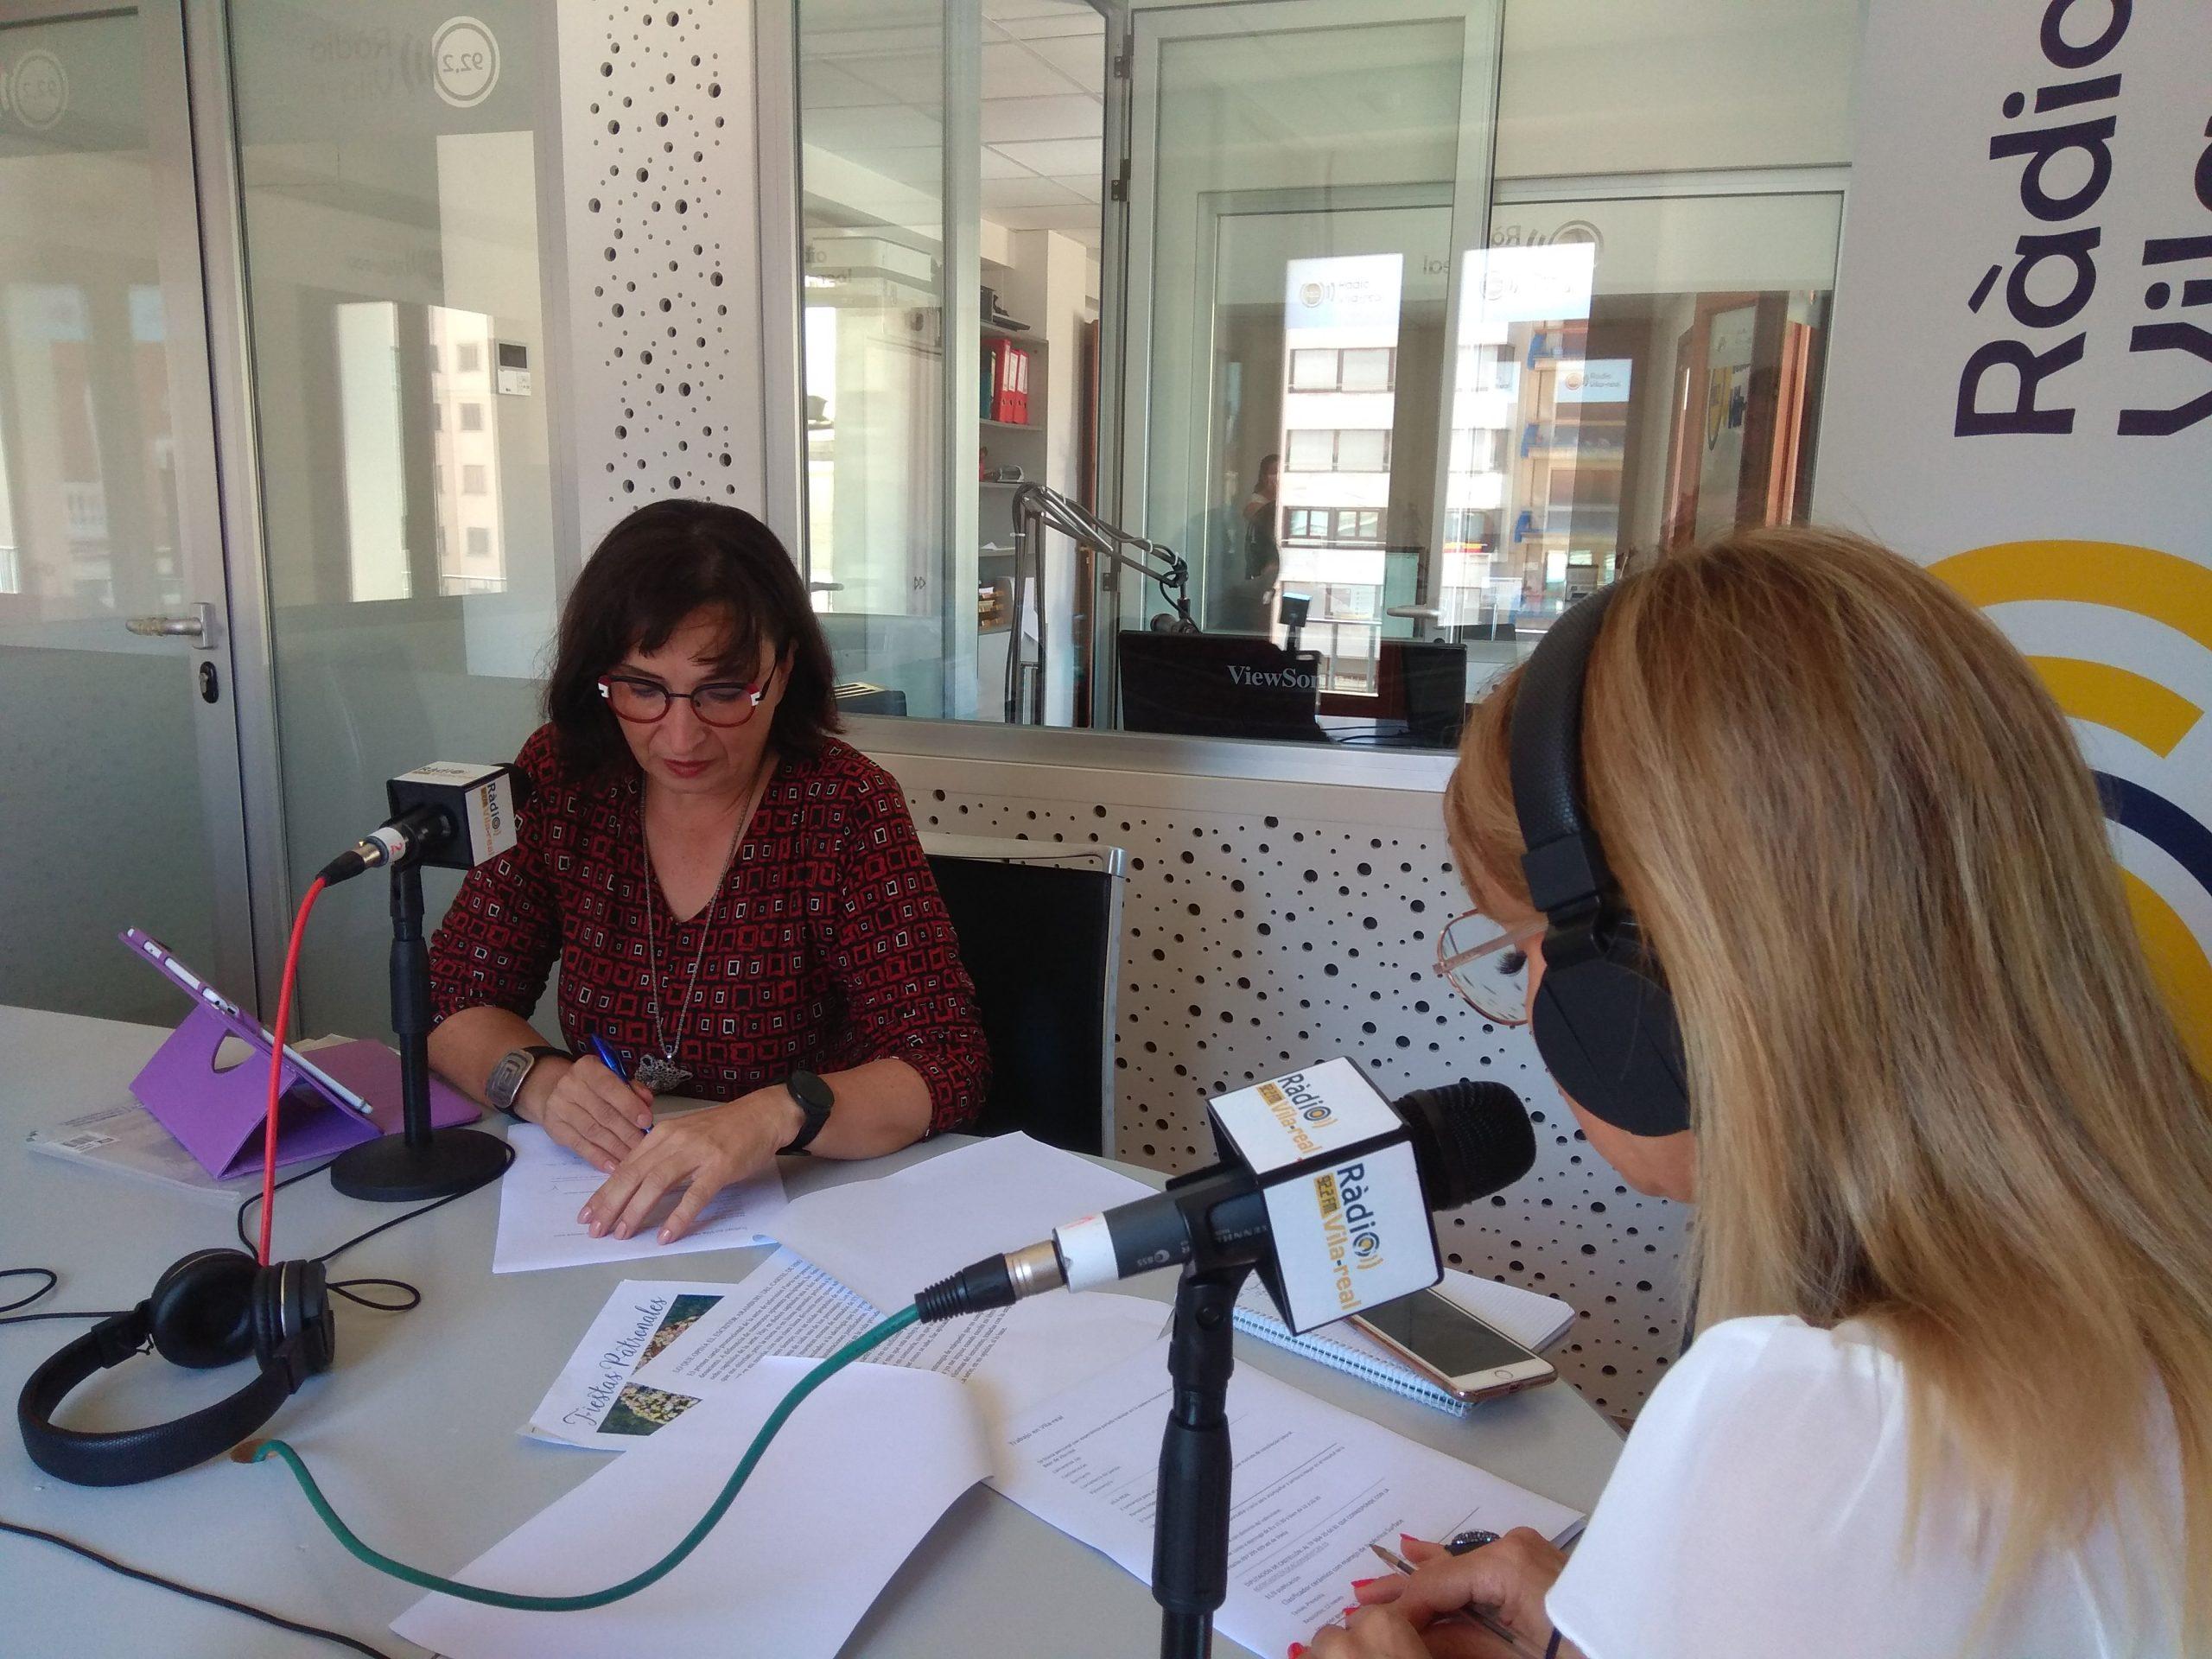 ¿Buscas empleo? Es momento de encontrarlo con ADAVI y Radio Vila-real